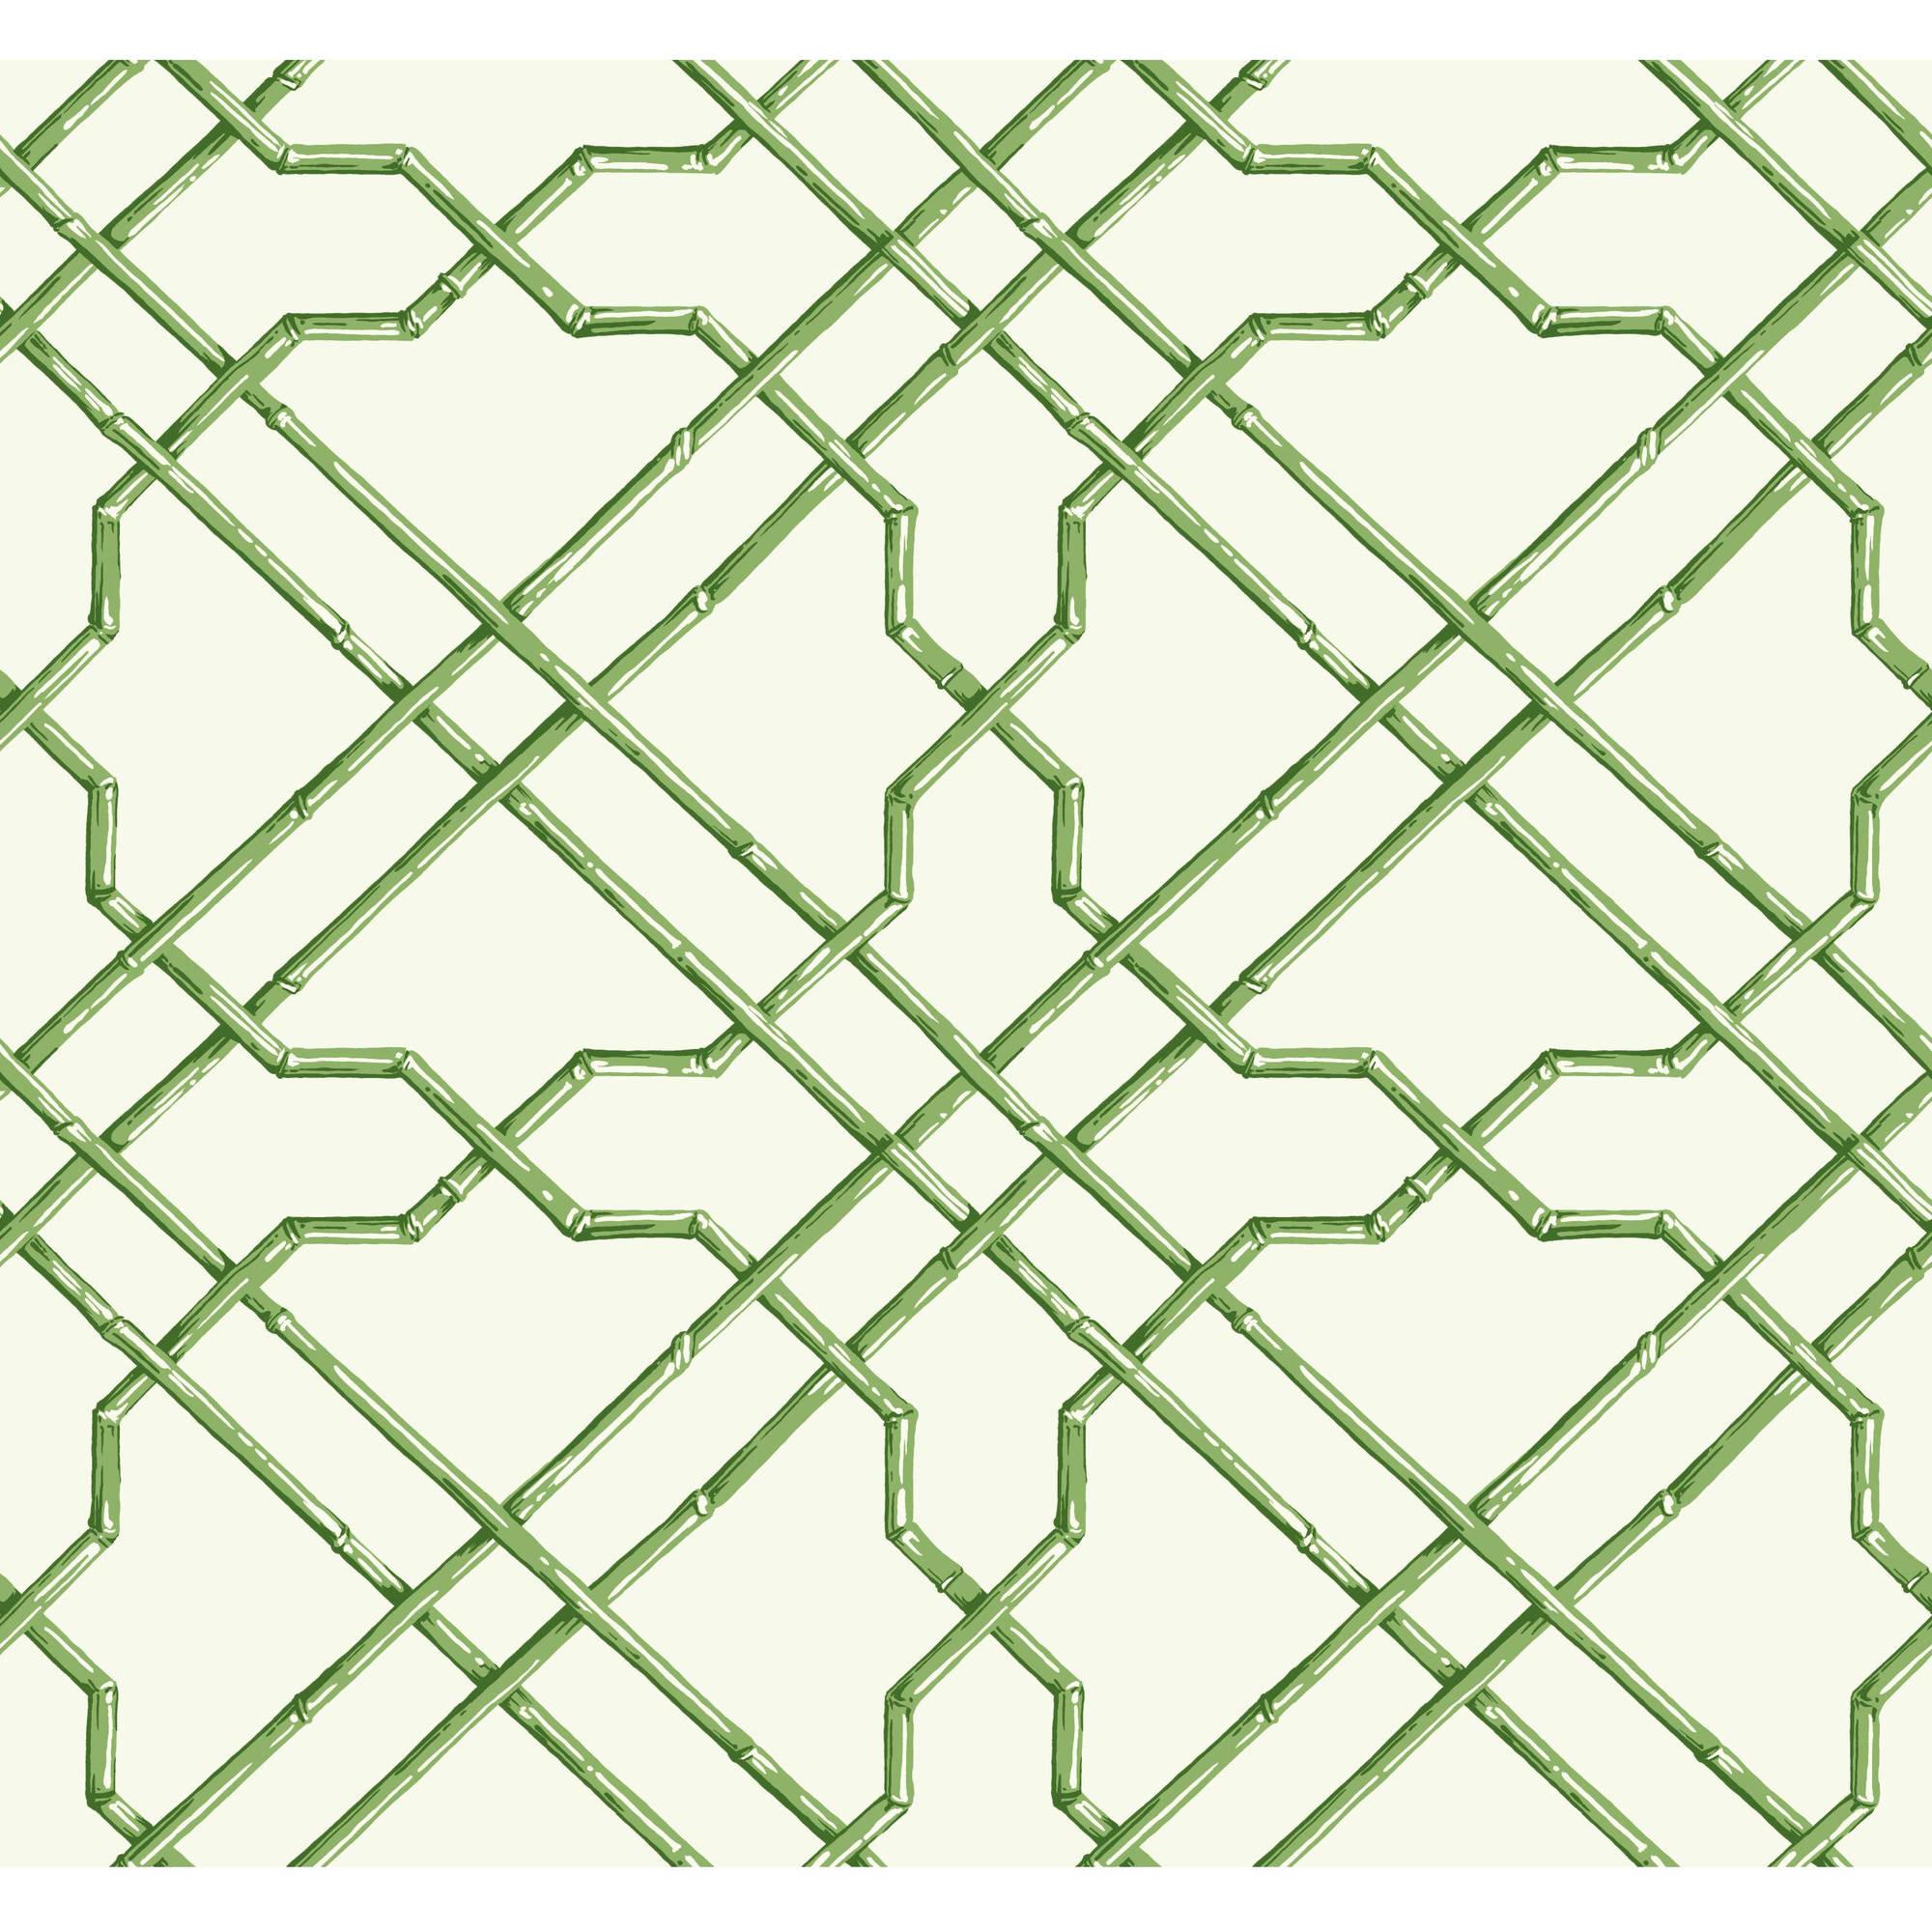 Tropics Bamboo Trellis Wallpaper